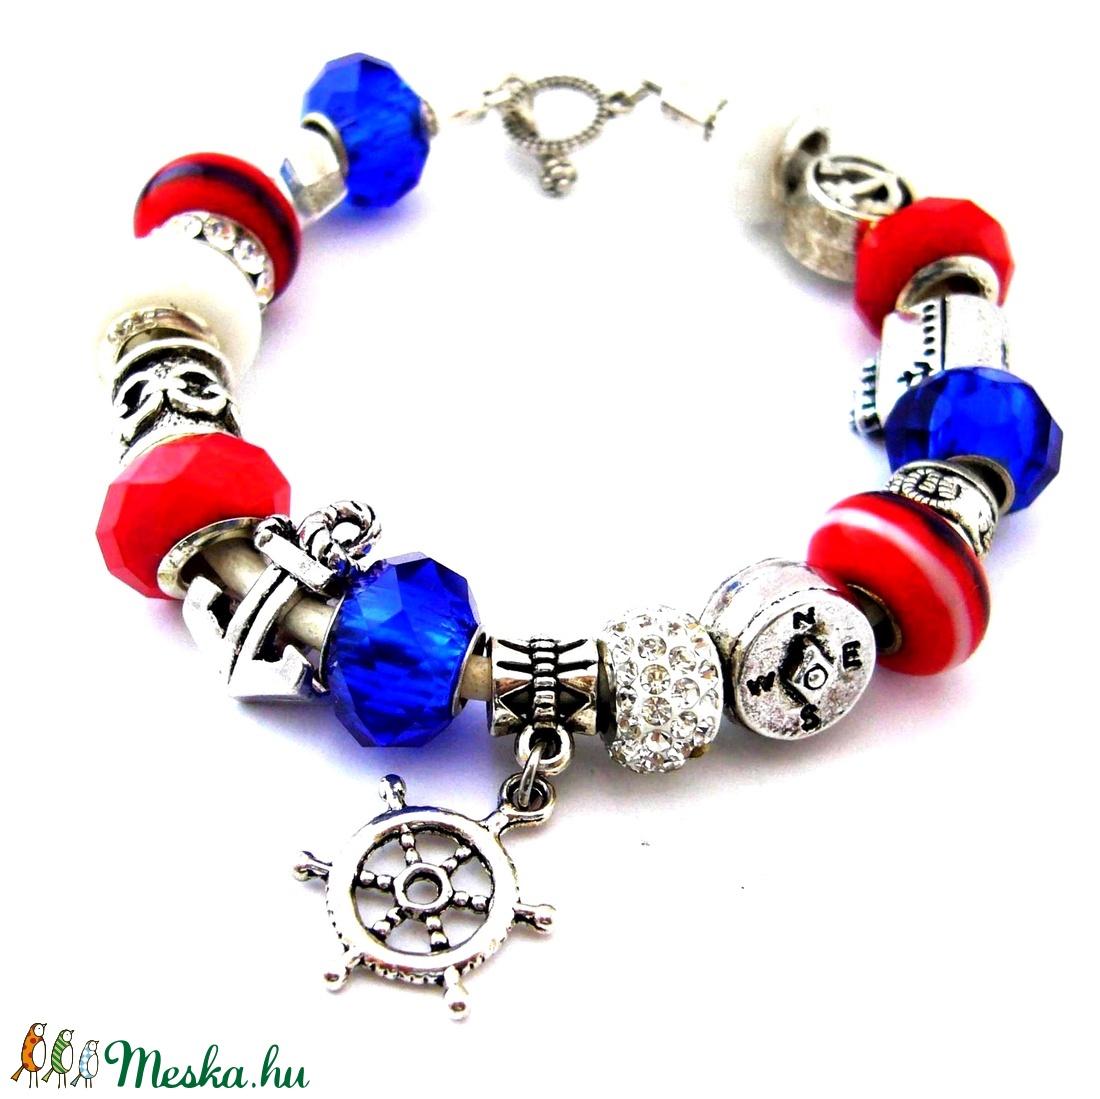 b75134131 Horgonyt fel! - kék piros fehér matróz karkötő pandora stílusban  vasmacskával (ButterflyJew) - Meska.hu